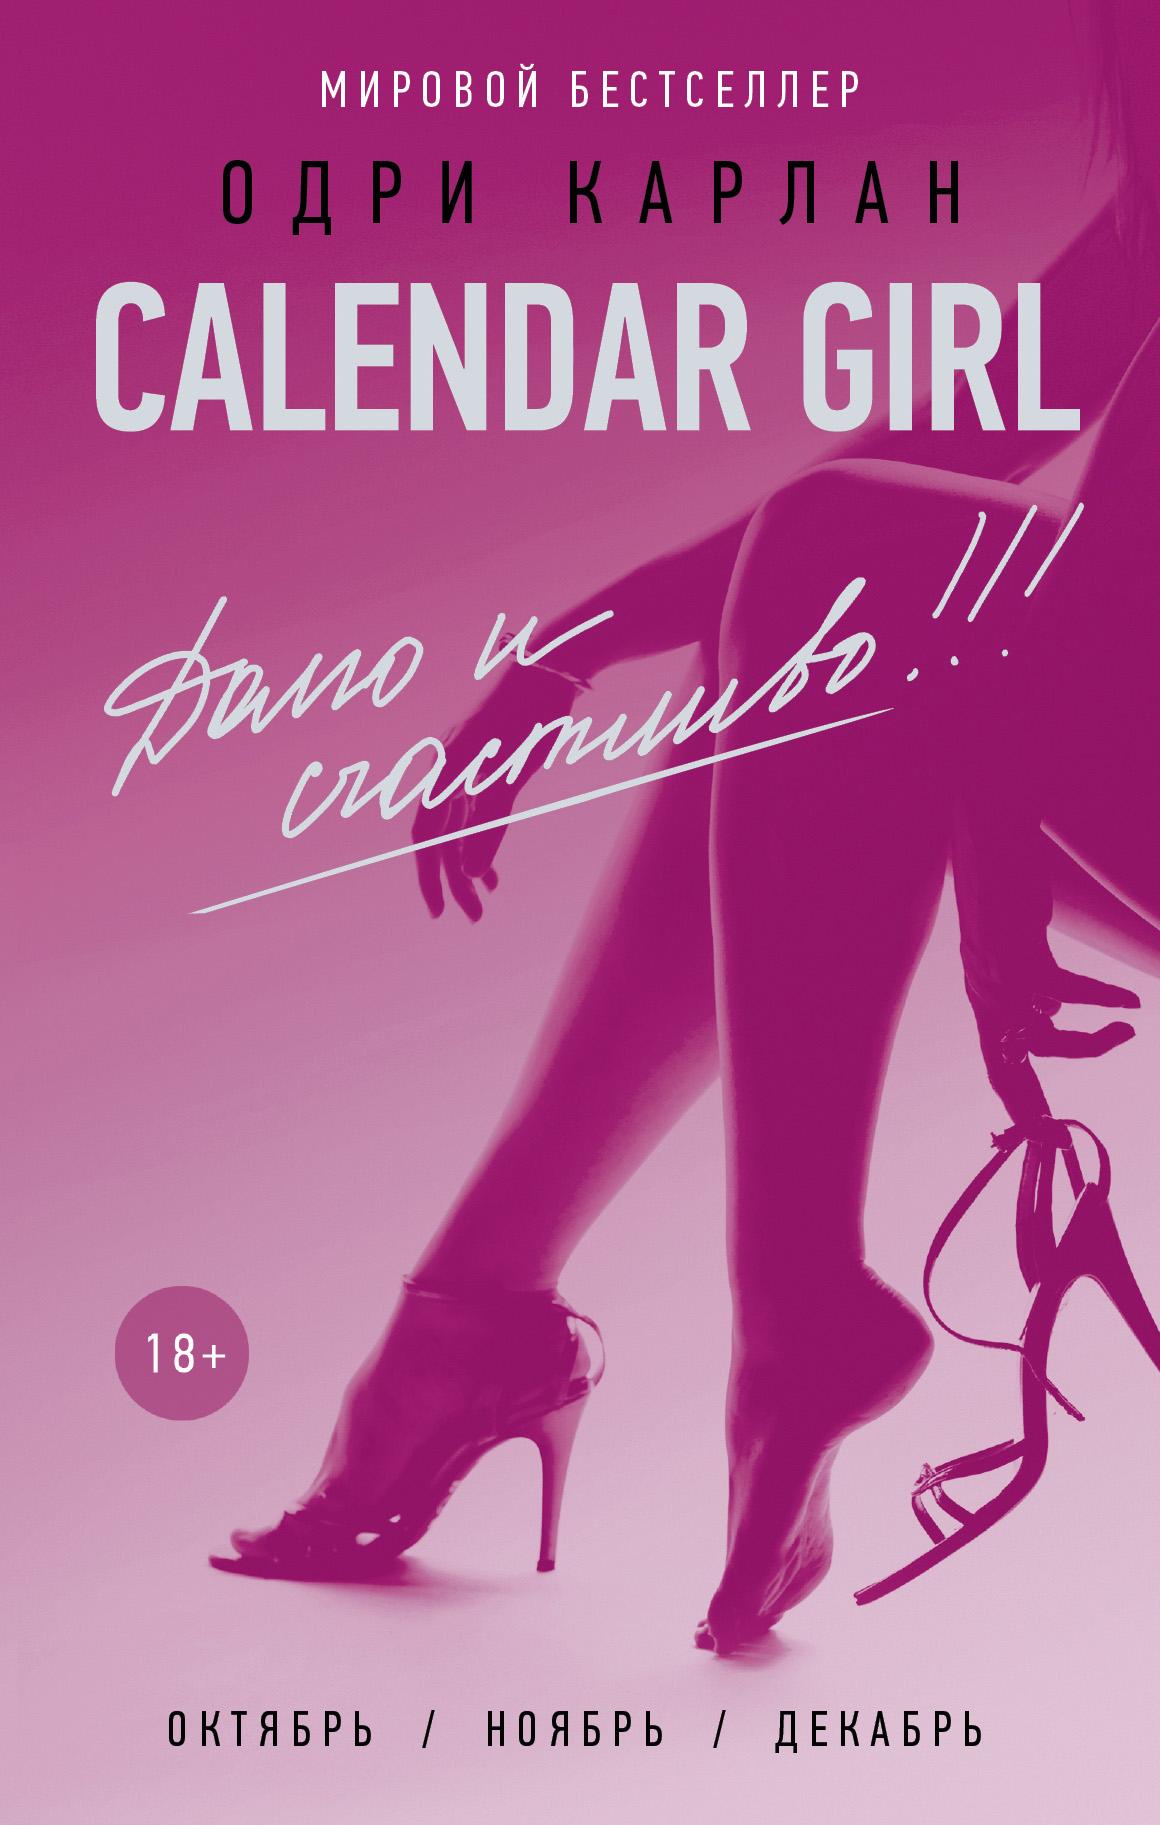 Одри Карлан Calendar Girl. Долго и счастливо! карлан о calendar girl никогда не влюбляйся